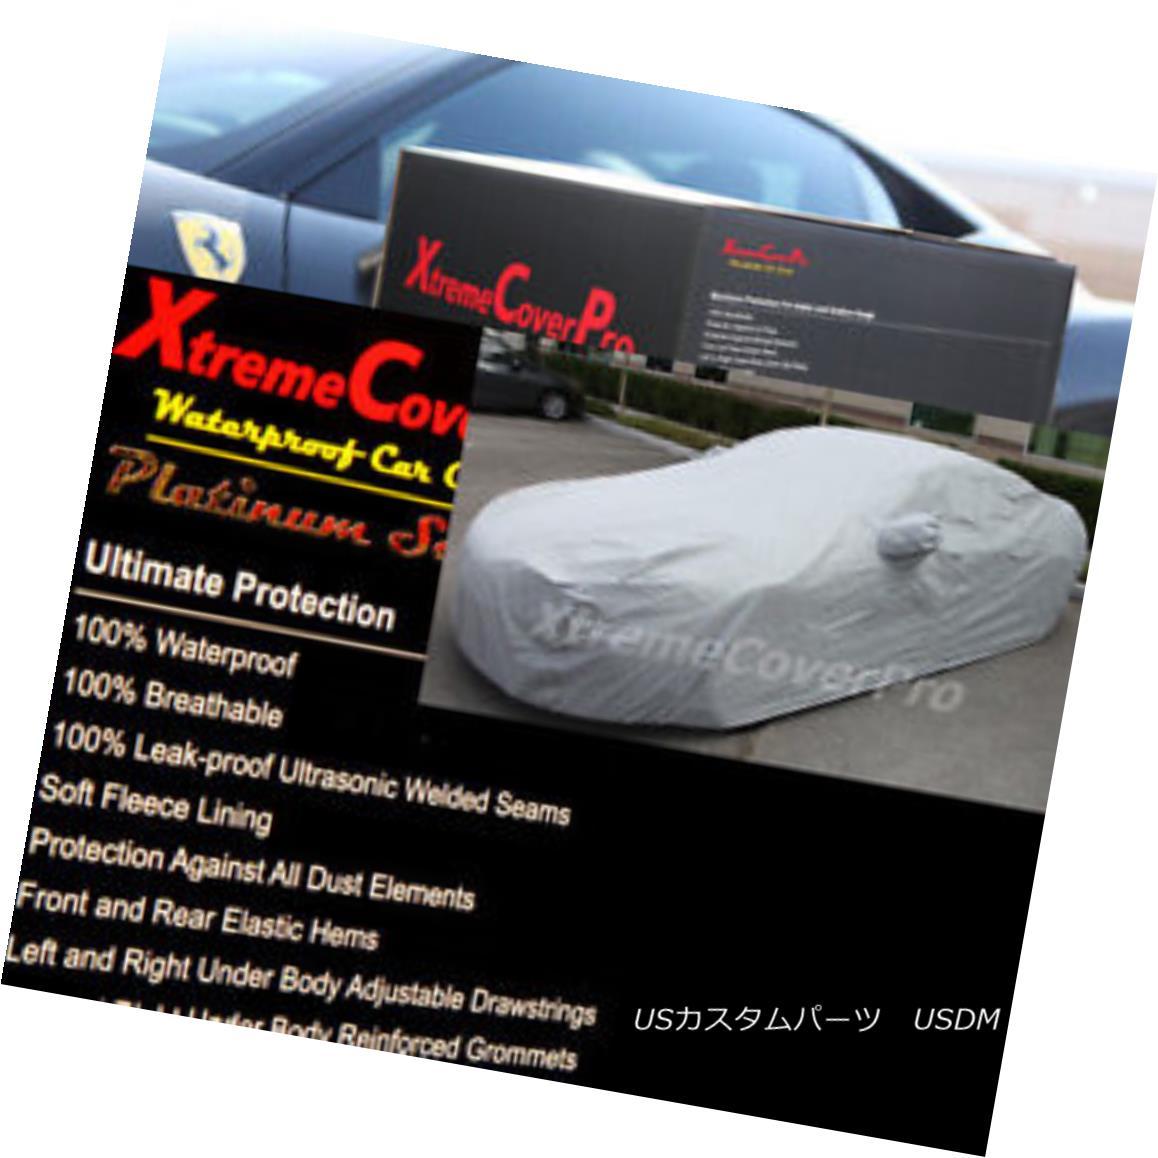 カーカバー 2013 Audi A8 A8L S8 Waterproof Car Cover w/MirrorPocket 2013 Audi A8 A8L S8ミラーポケット付防水カーカバー